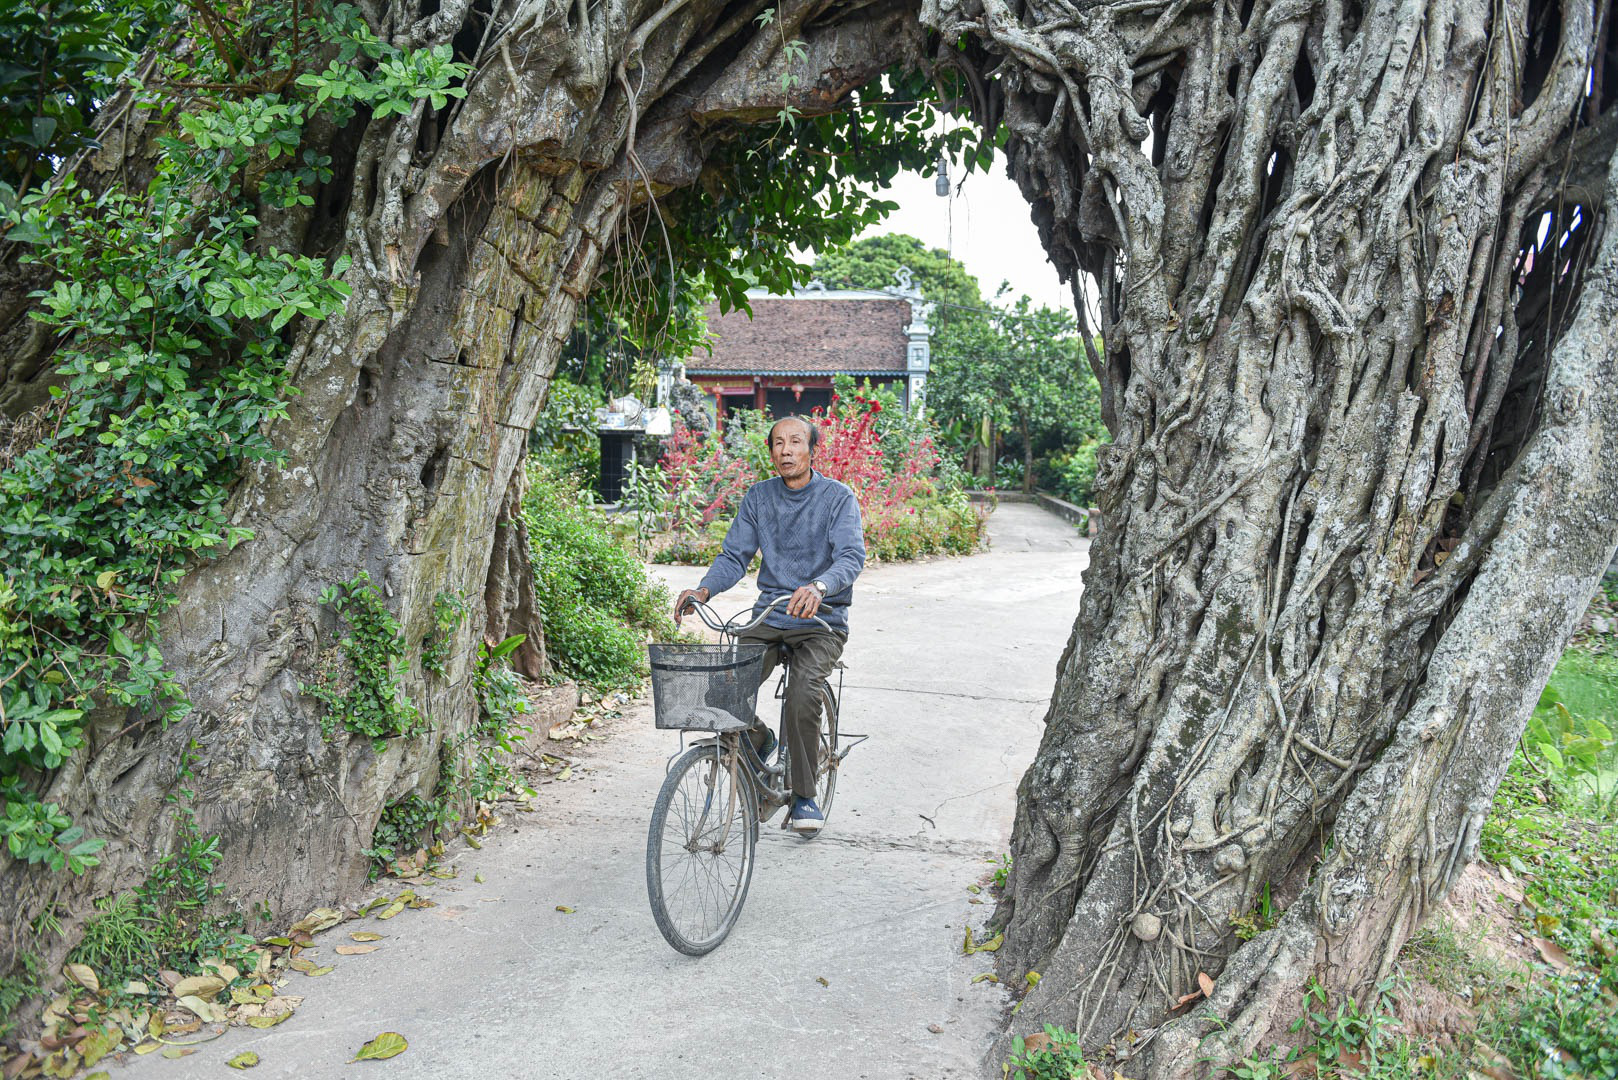 """Cây đa 500 tuổi có bộ rễ khủng tạo thành cổng làng """"độc"""" nhất ở Hưng Yên - Ảnh 1."""